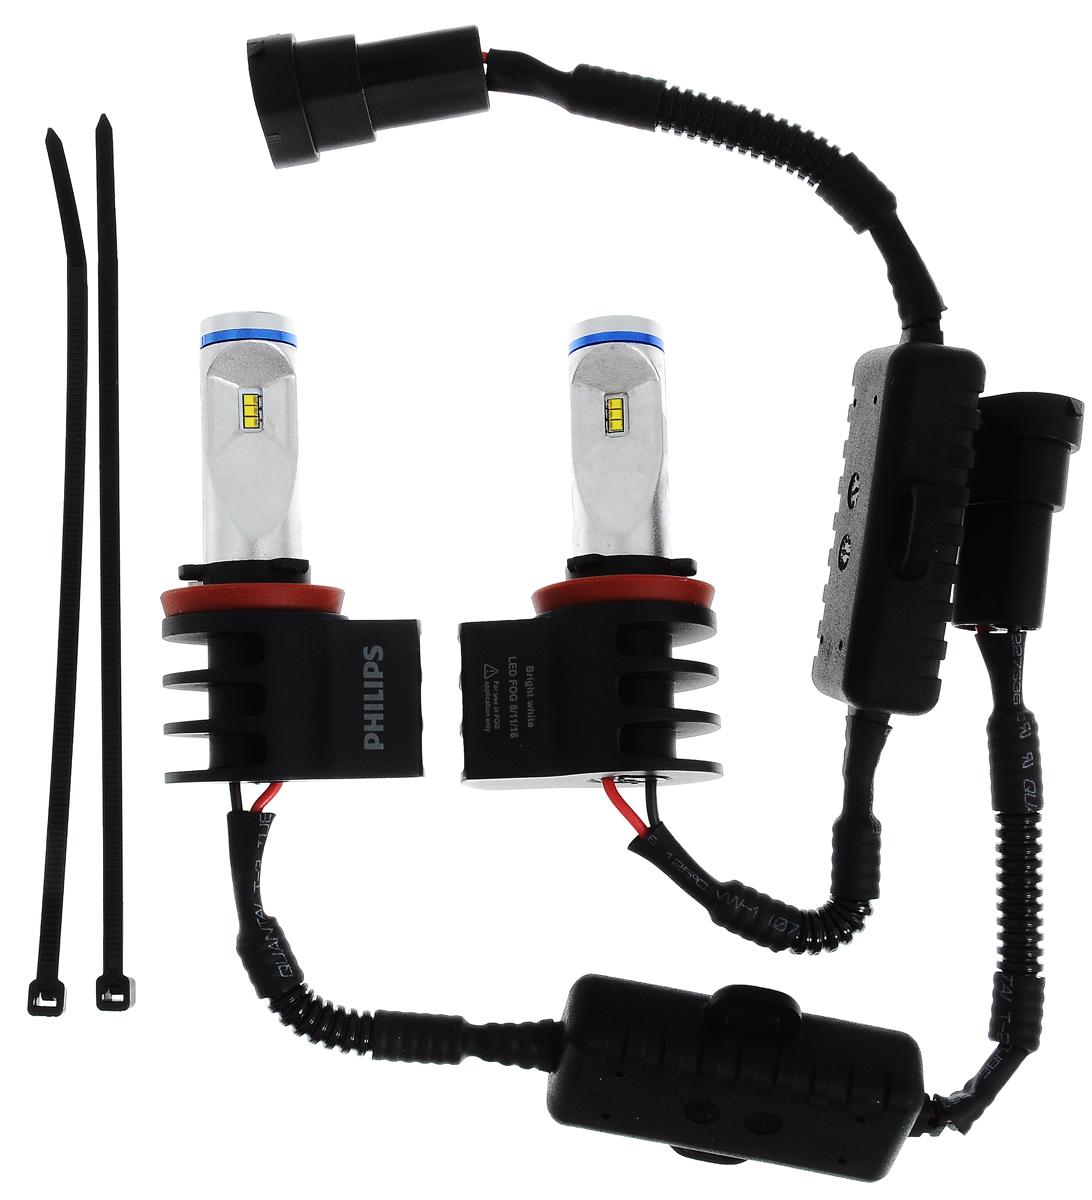 Лампа автомобильная светодиодная Philips LED Fog, противотуманная, цоколь H8/H11/H16, 12V, 9,3W, 2 шт10498Противотуманная лампа Philips LED Fog состоит из 3-х светодиодных элементов, расположенных в форме нити накаливания, горелки специальной конструкции для быстрого охлаждения, а также радиатора, рассеивающего тепло для постоянного охлаждения светодиодов. Технология отвода тепла AirFlux обеспечивает максимальное охлаждение светодиодов и продлевает срок службы лампы.Мощный яркий белый свет 6000 К гарантирует идеальное совпадение по цветовой температуре с ксеноновыми и светодиодными лампами головного освещения.Запатентованная технология SaferBeam и уникальная конструкция светодиодной лампы формируют правильный пучок света, который не слепит встречных водителей и обеспечивает до 45% больше света на дороге, чем при использовании стандартных галогенных ламп.Срок эксплуатации Philips LED Fog составляет 12 лет, что равноценно сроку эксплуатацииавтомобиля.Благодаря универсальному дизайну и лёгкости в установке, светодиодные лампыPhilips LED Fog идеально подходят для автомобилей, в которых используются цоколи H8, H11 и H16.